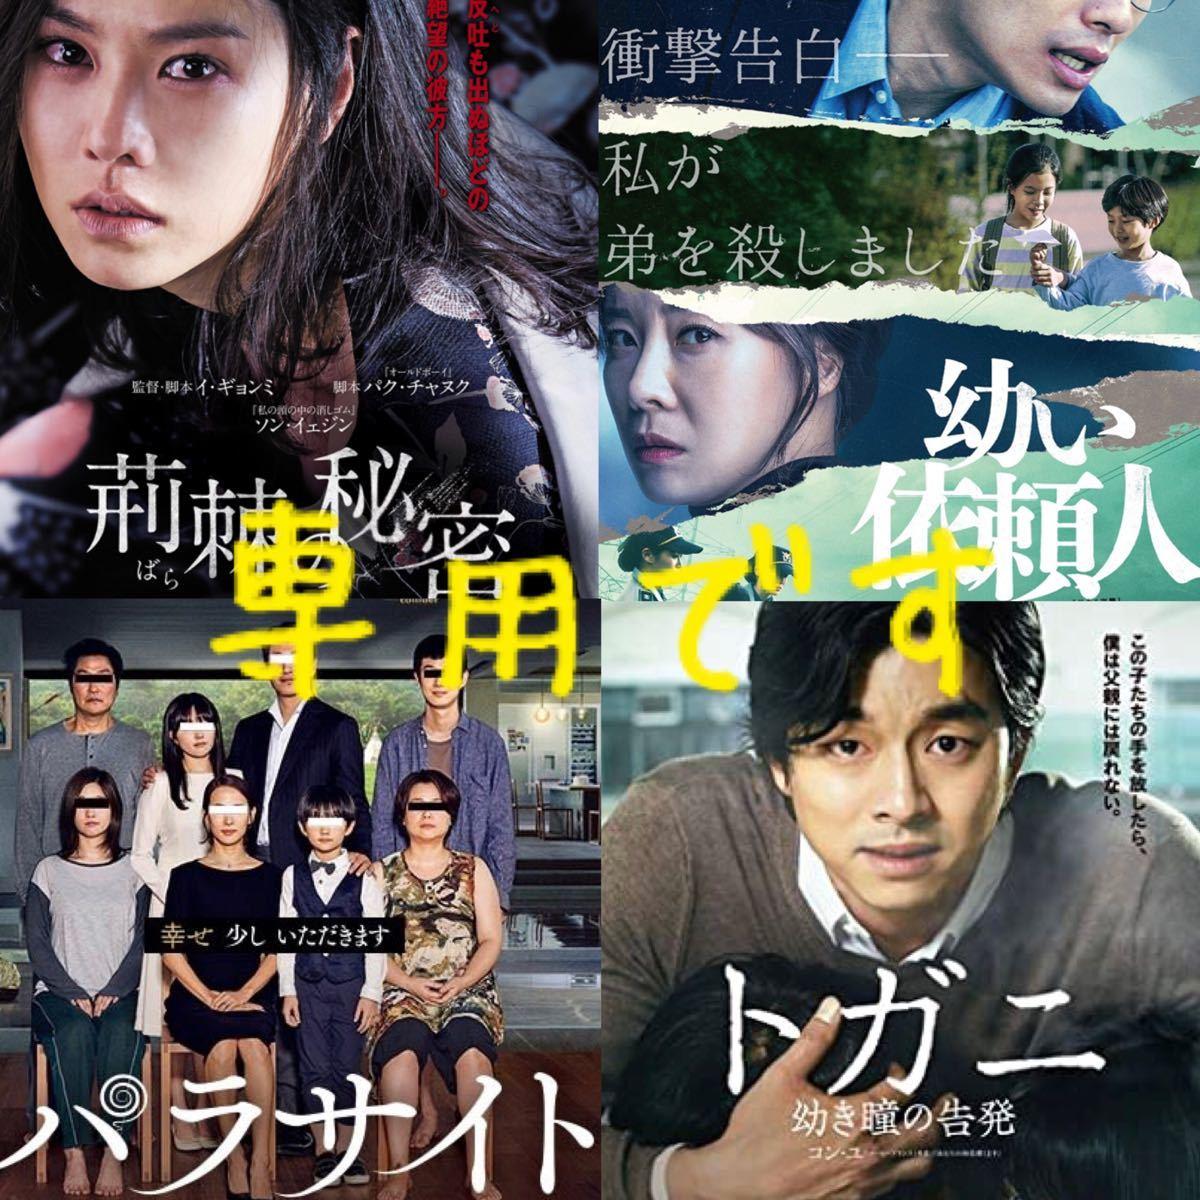 専用です。韓国映画  DVD 3点セット+選べるおまけ1枚  日本語吹替有り  レーベル有り